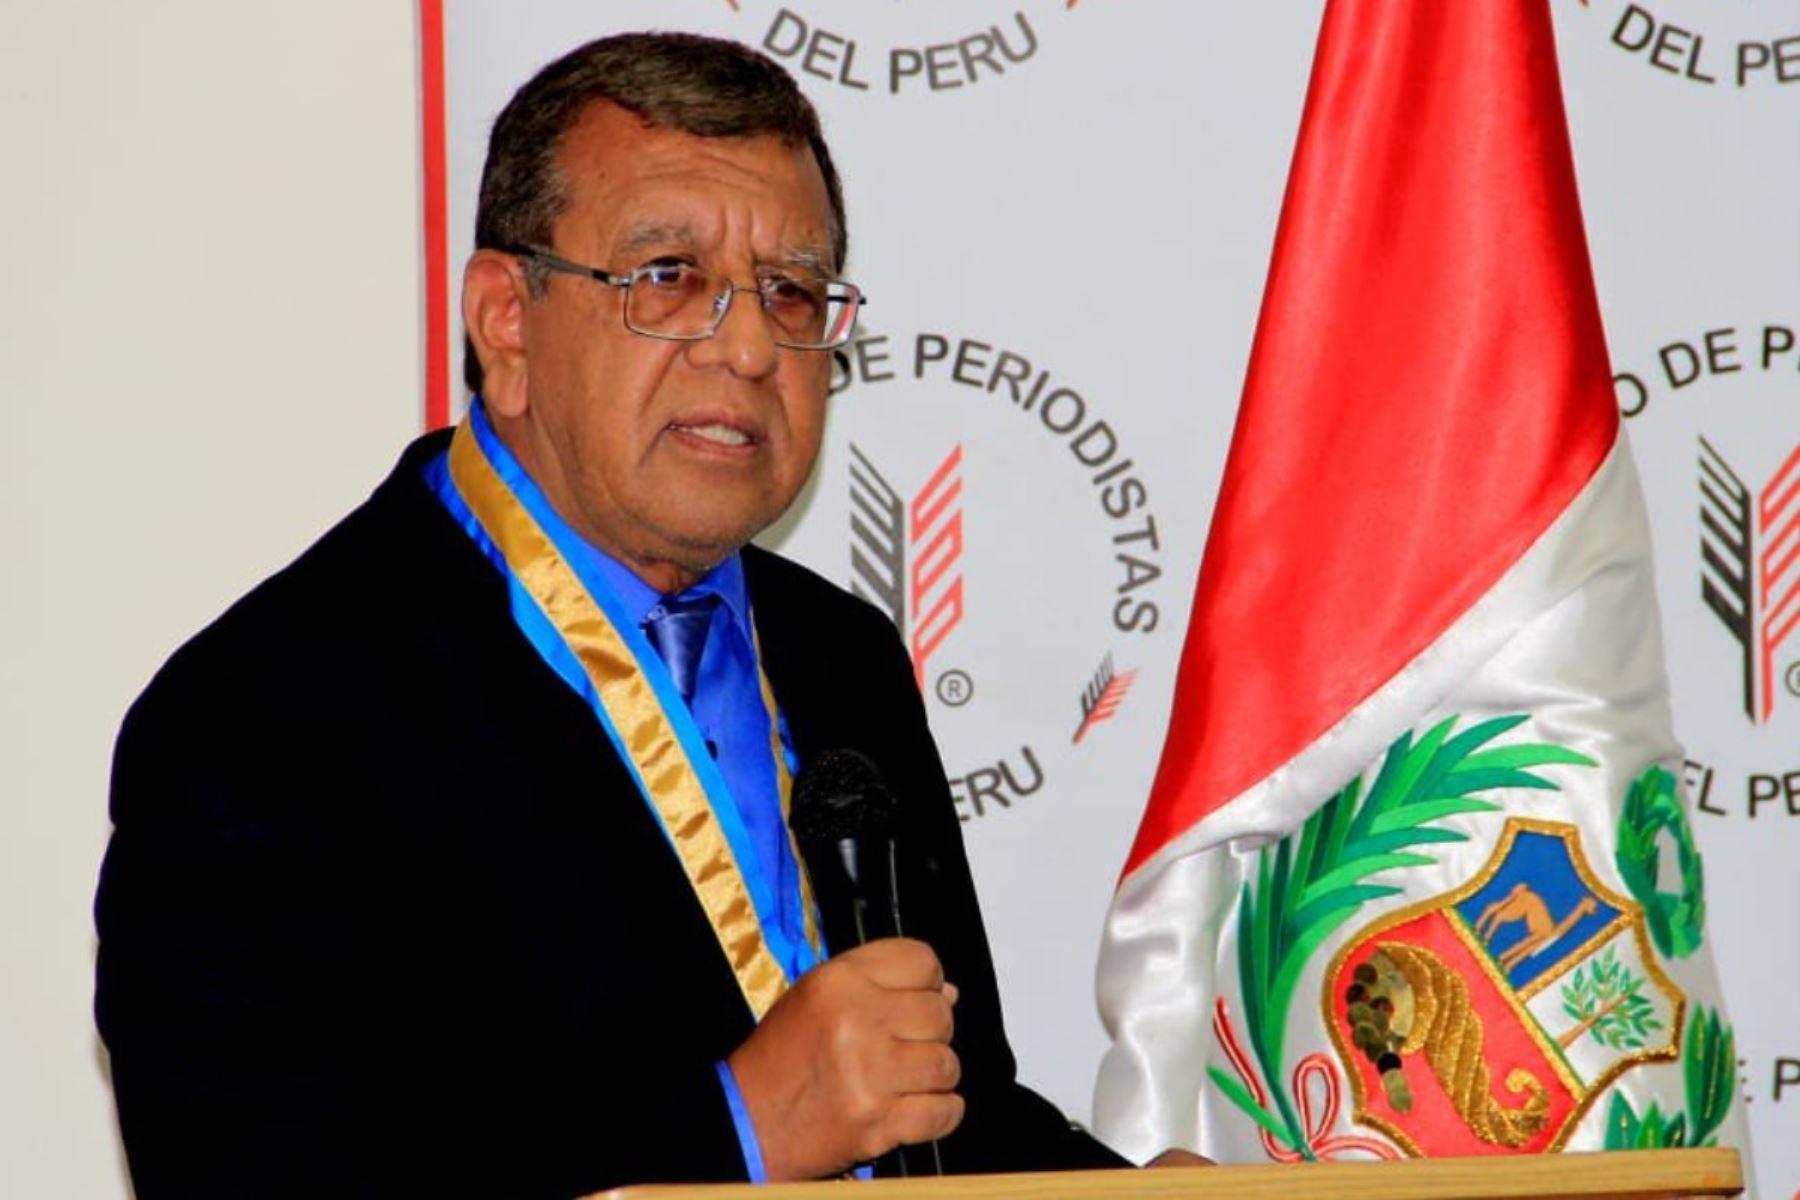 Ricardo Burgos es elegido decano del Colegio de Periodistas del Perú